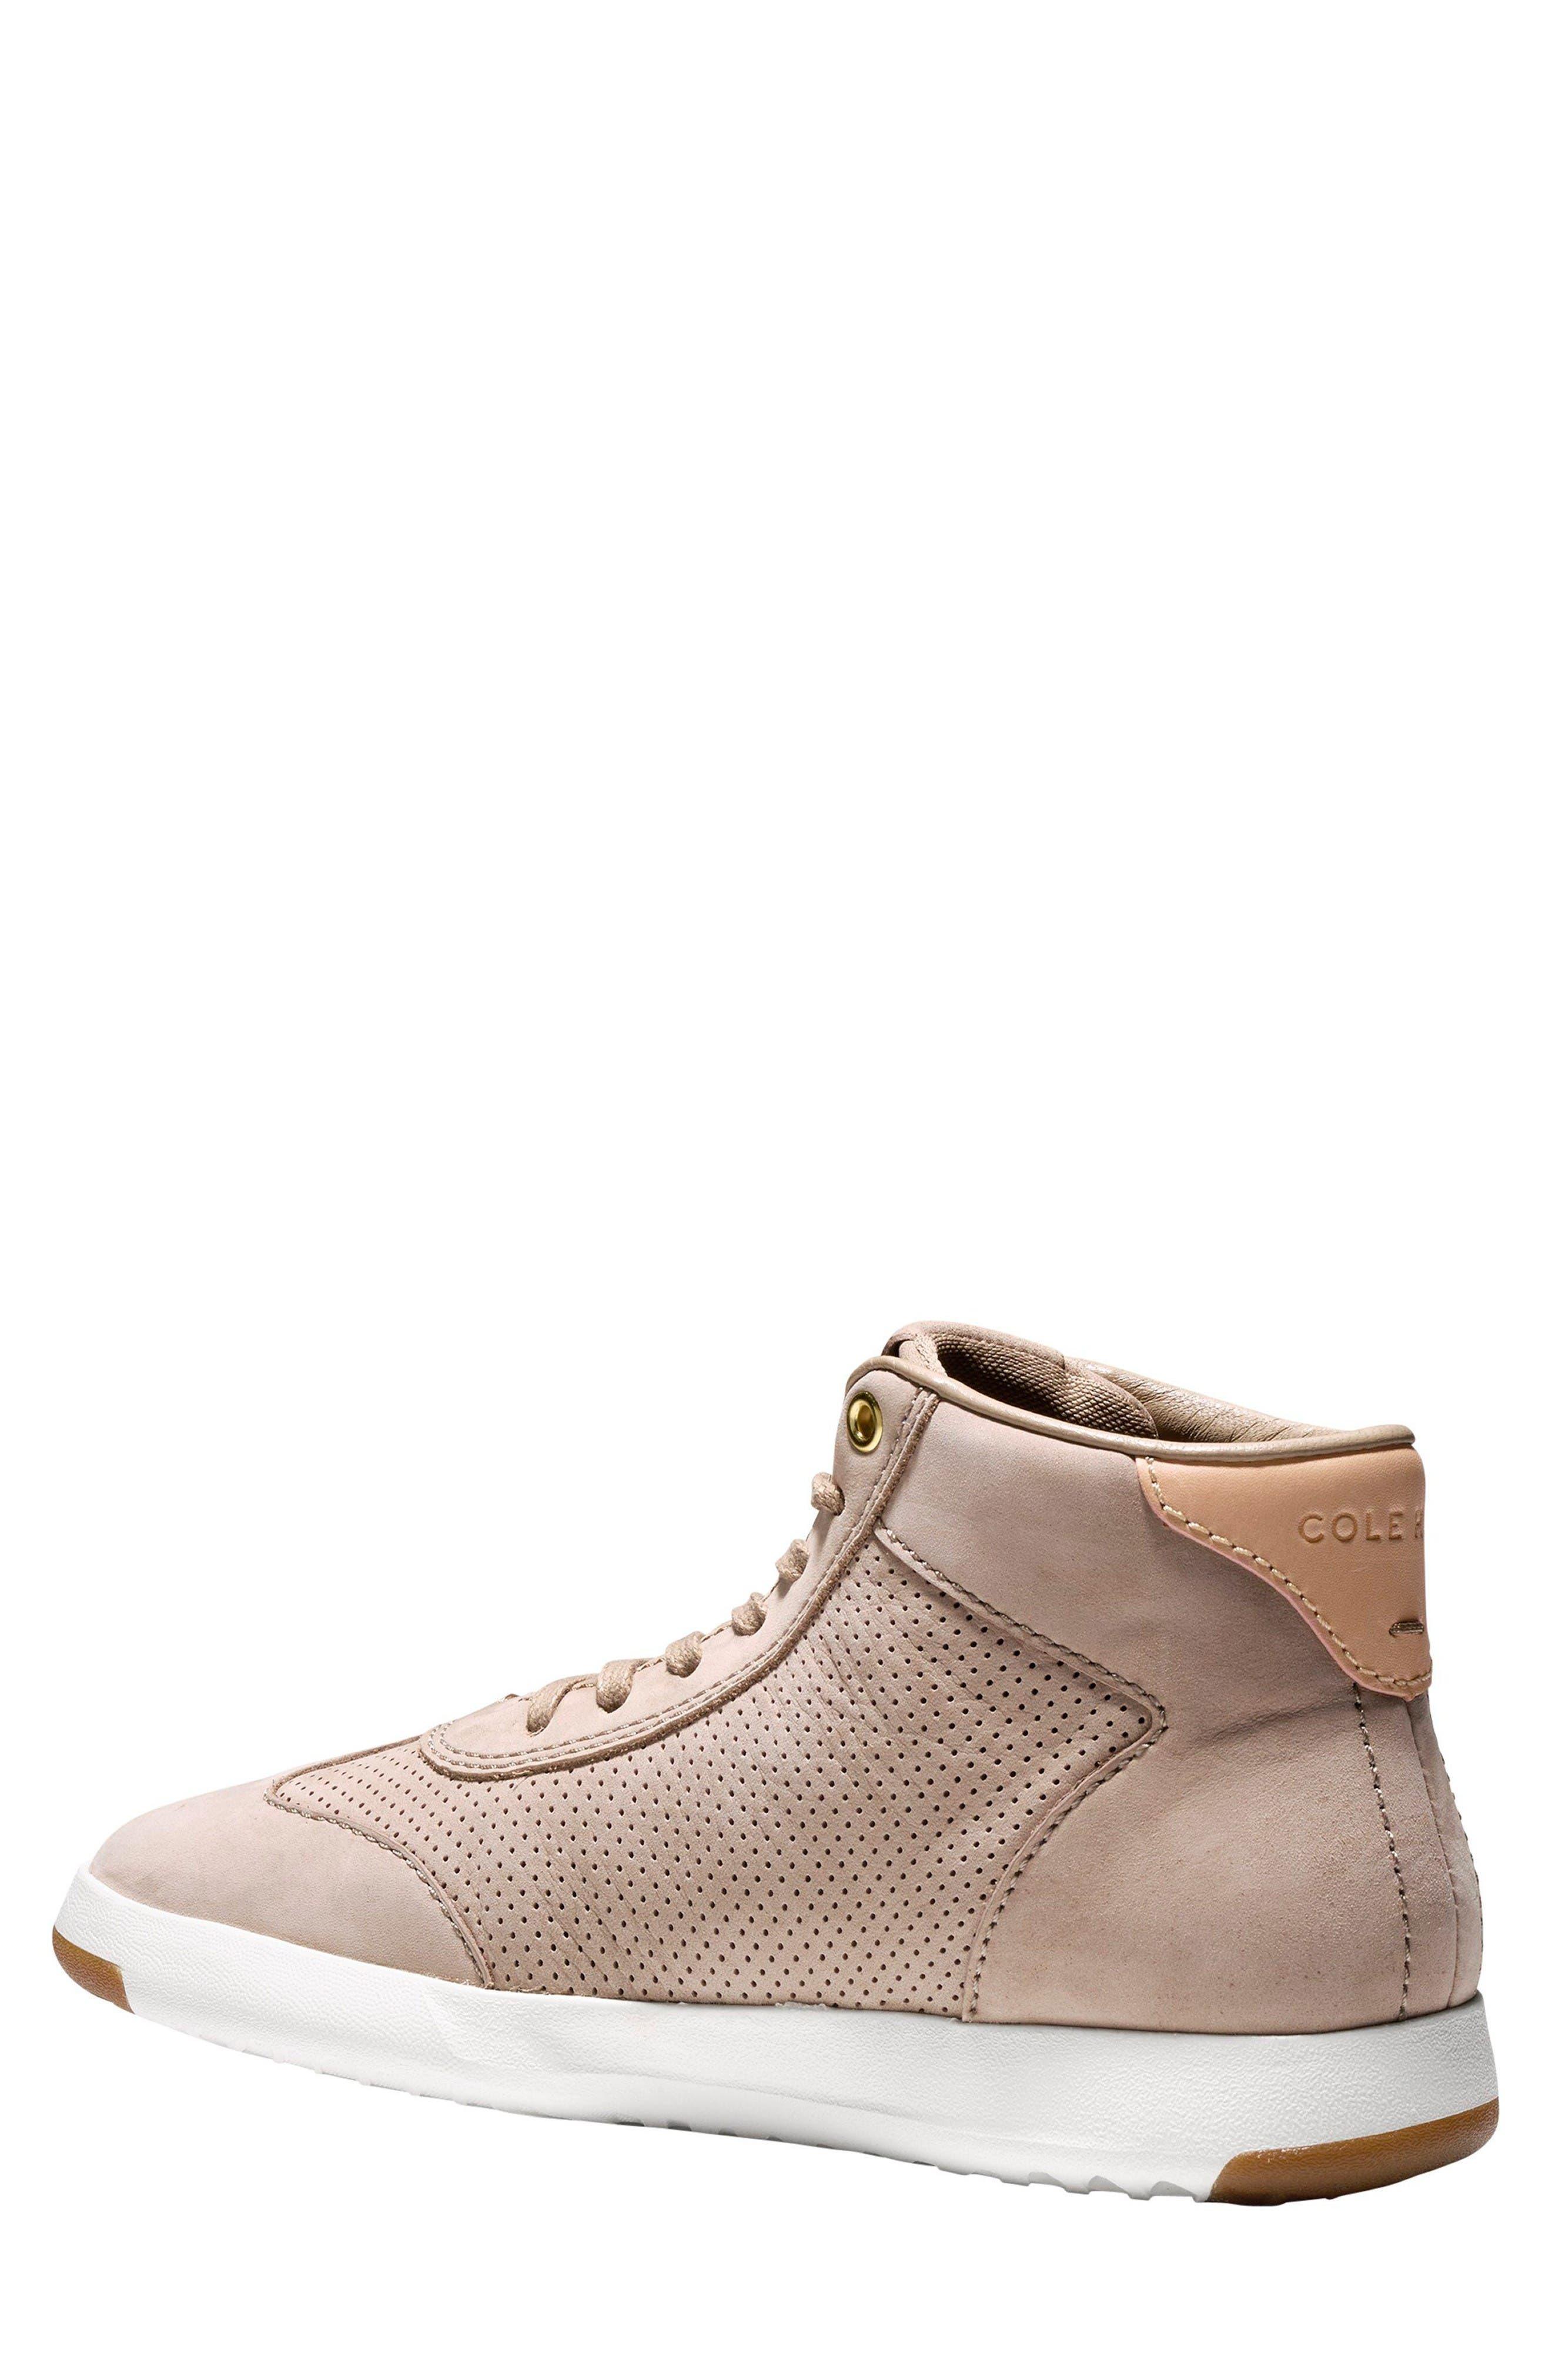 Alternate Image 2  - Cole Haan GrandPro High Top Sneaker (Women)